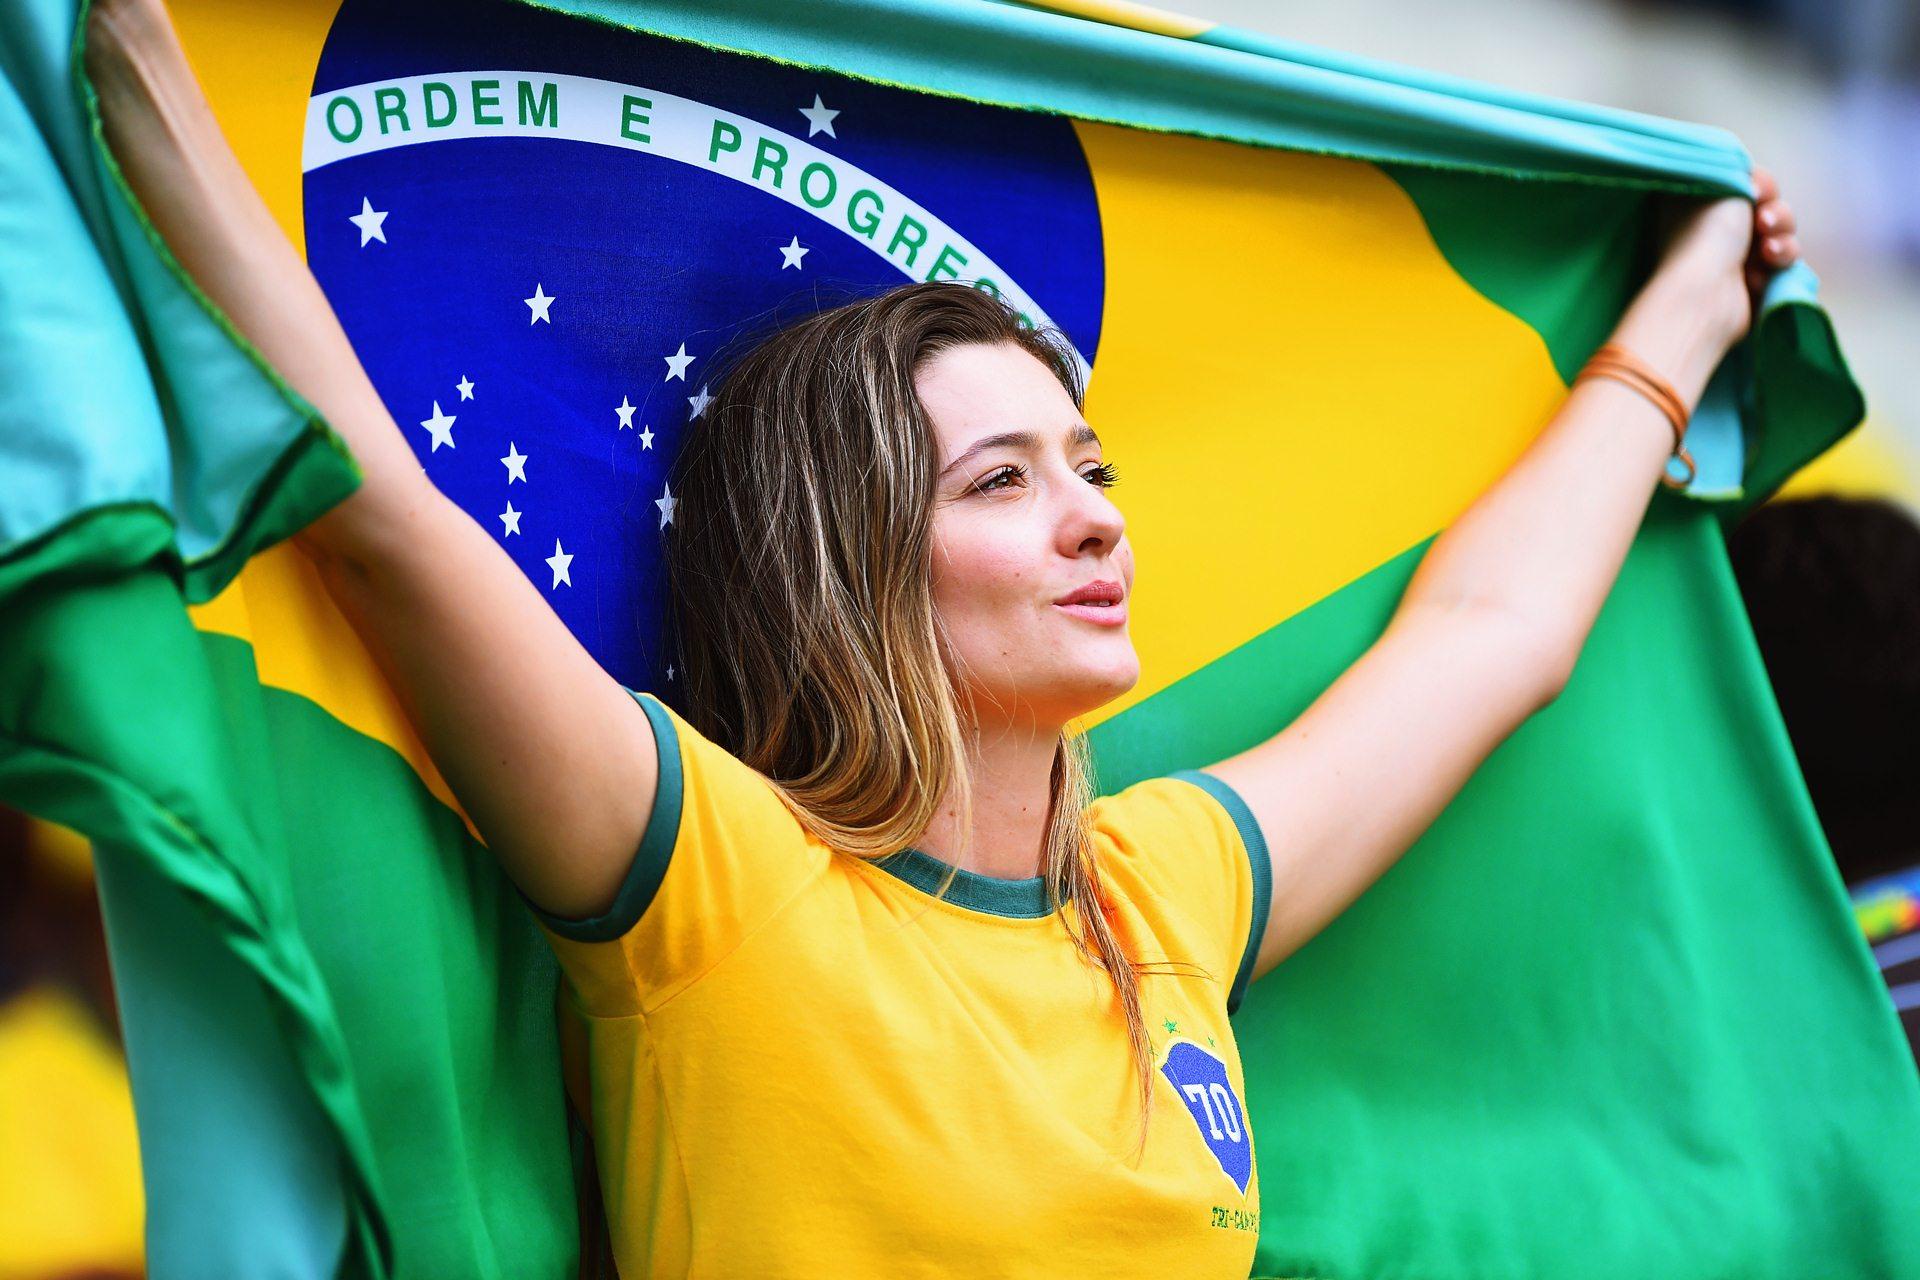 بالصور بنات البرازيل , بنات البرازيل ودورها الفعال فى المجتمع البرازيلى 3925